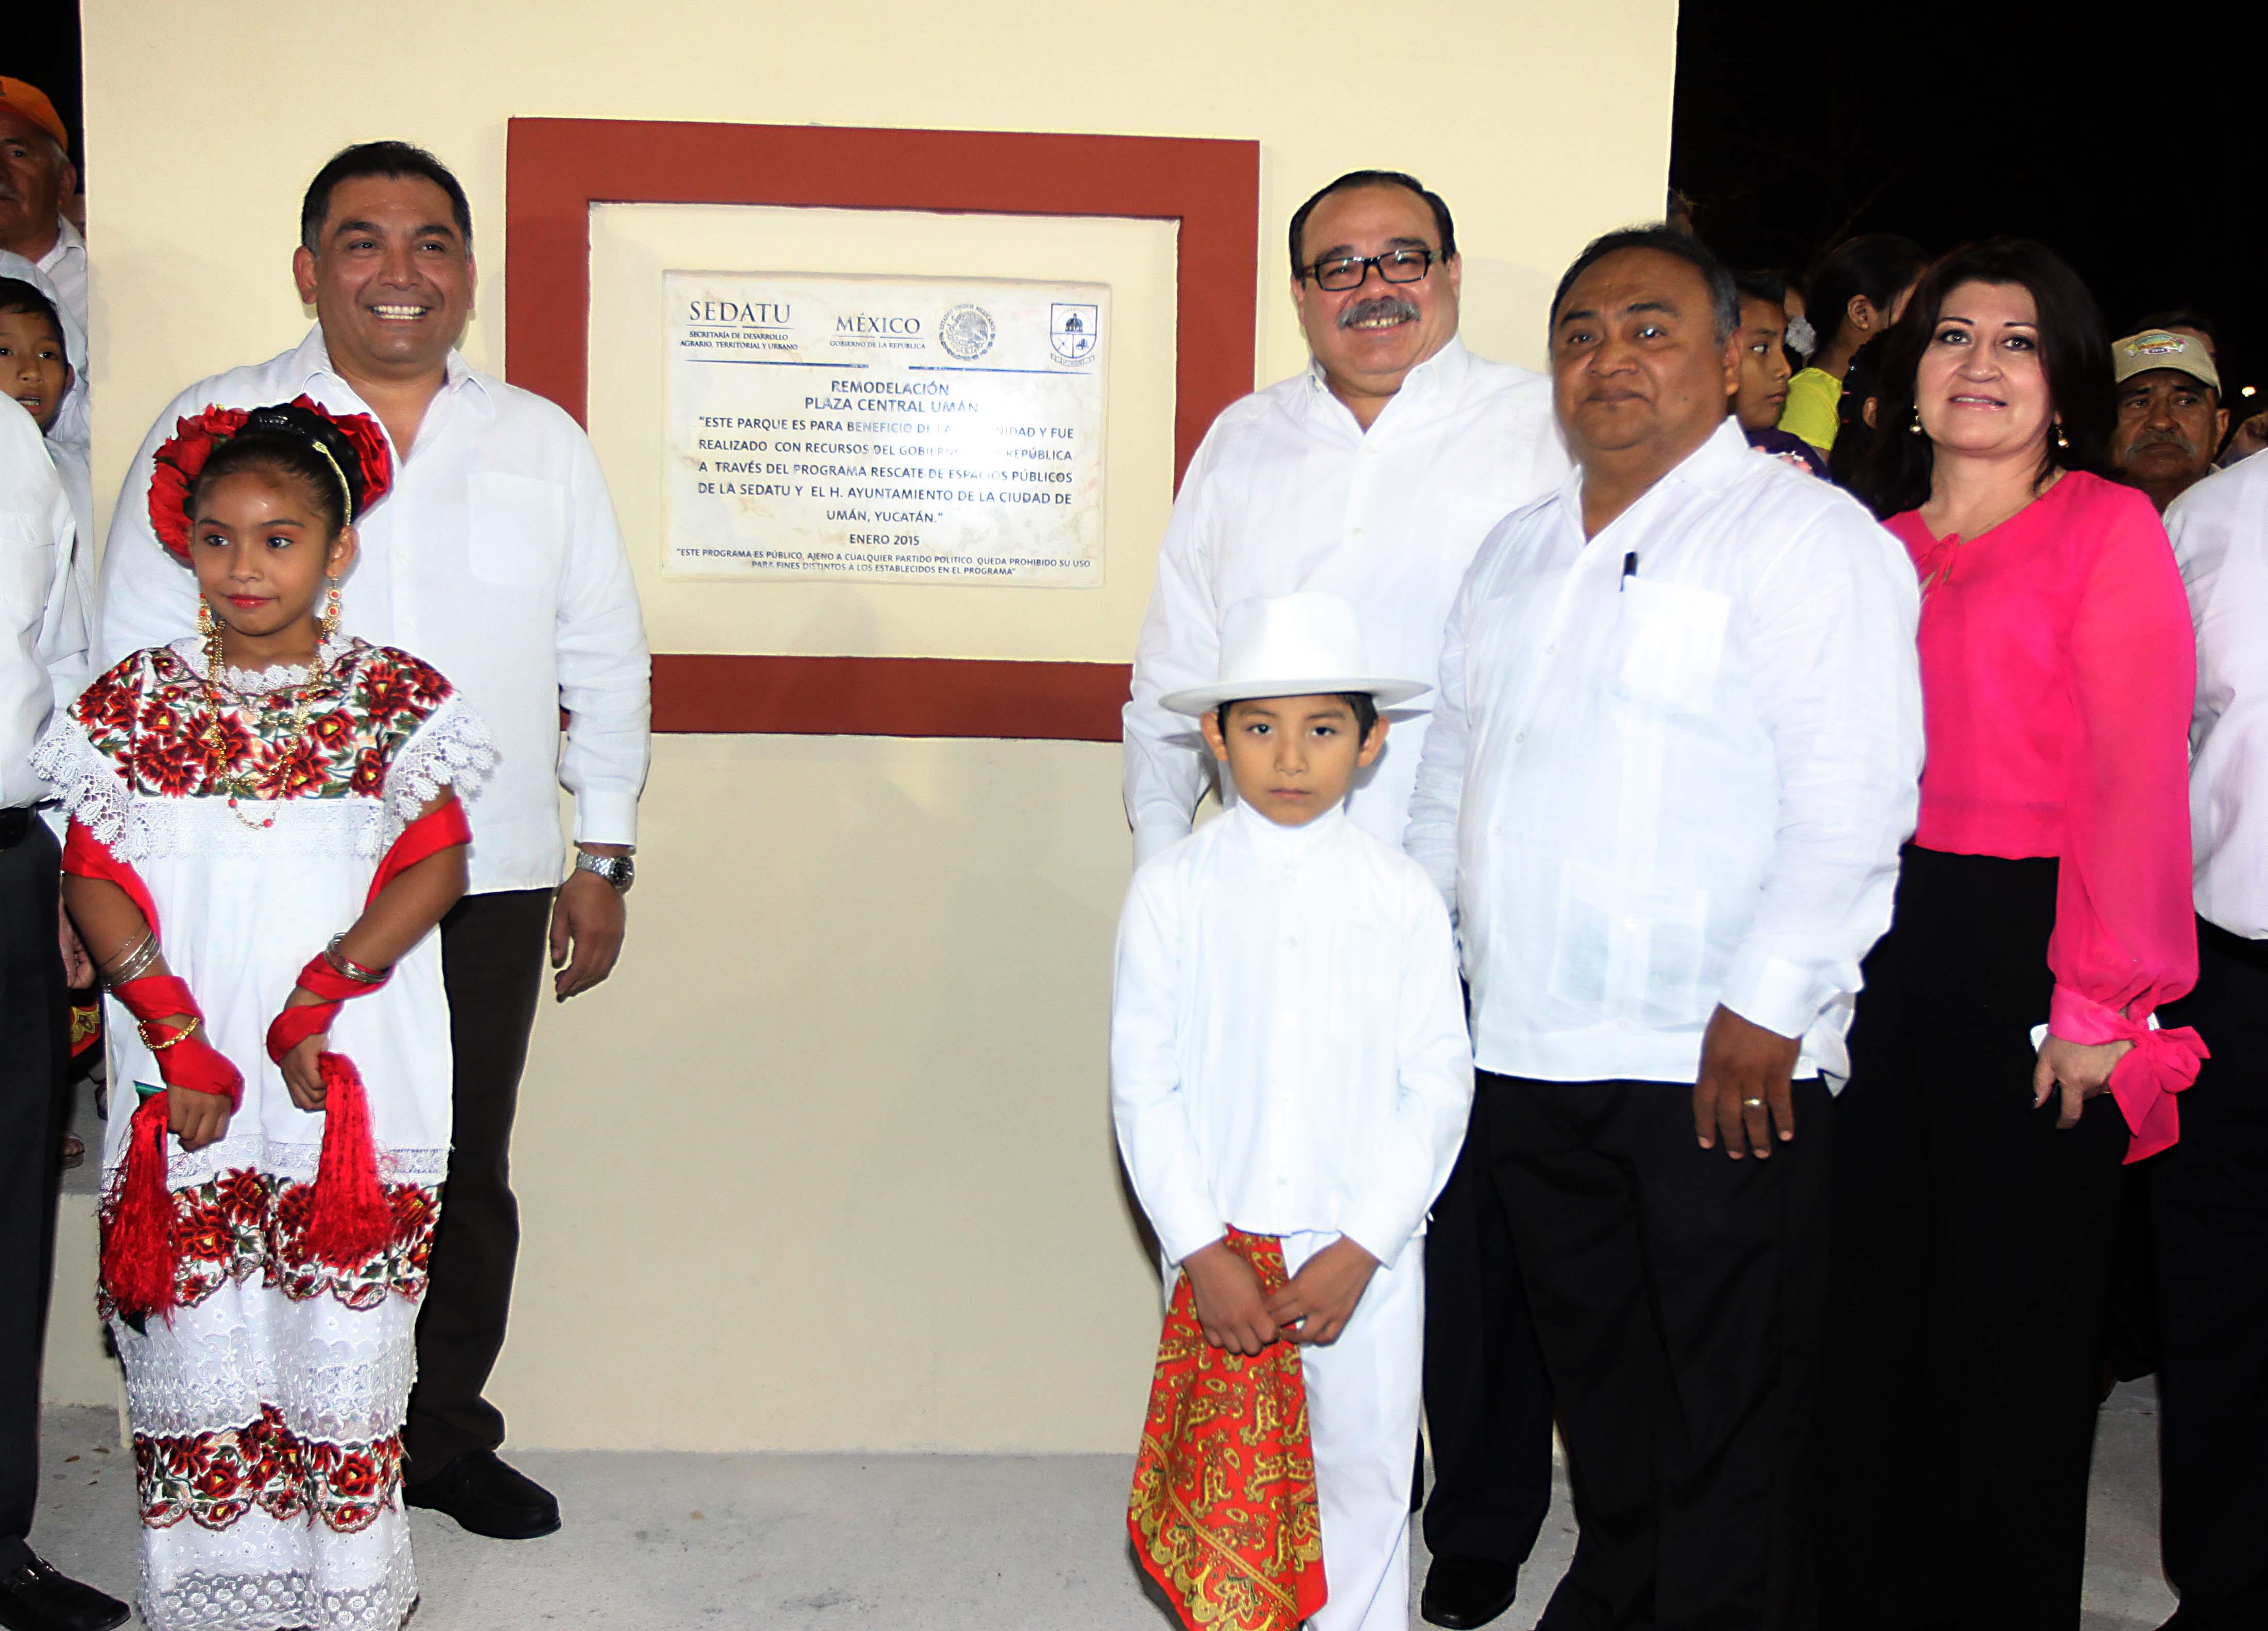 En 2014 el Gobierno de la República invirtió en Yucatán 115 millones pesos en construcción de casas nuevas, ampliaciones y mejoramientos.